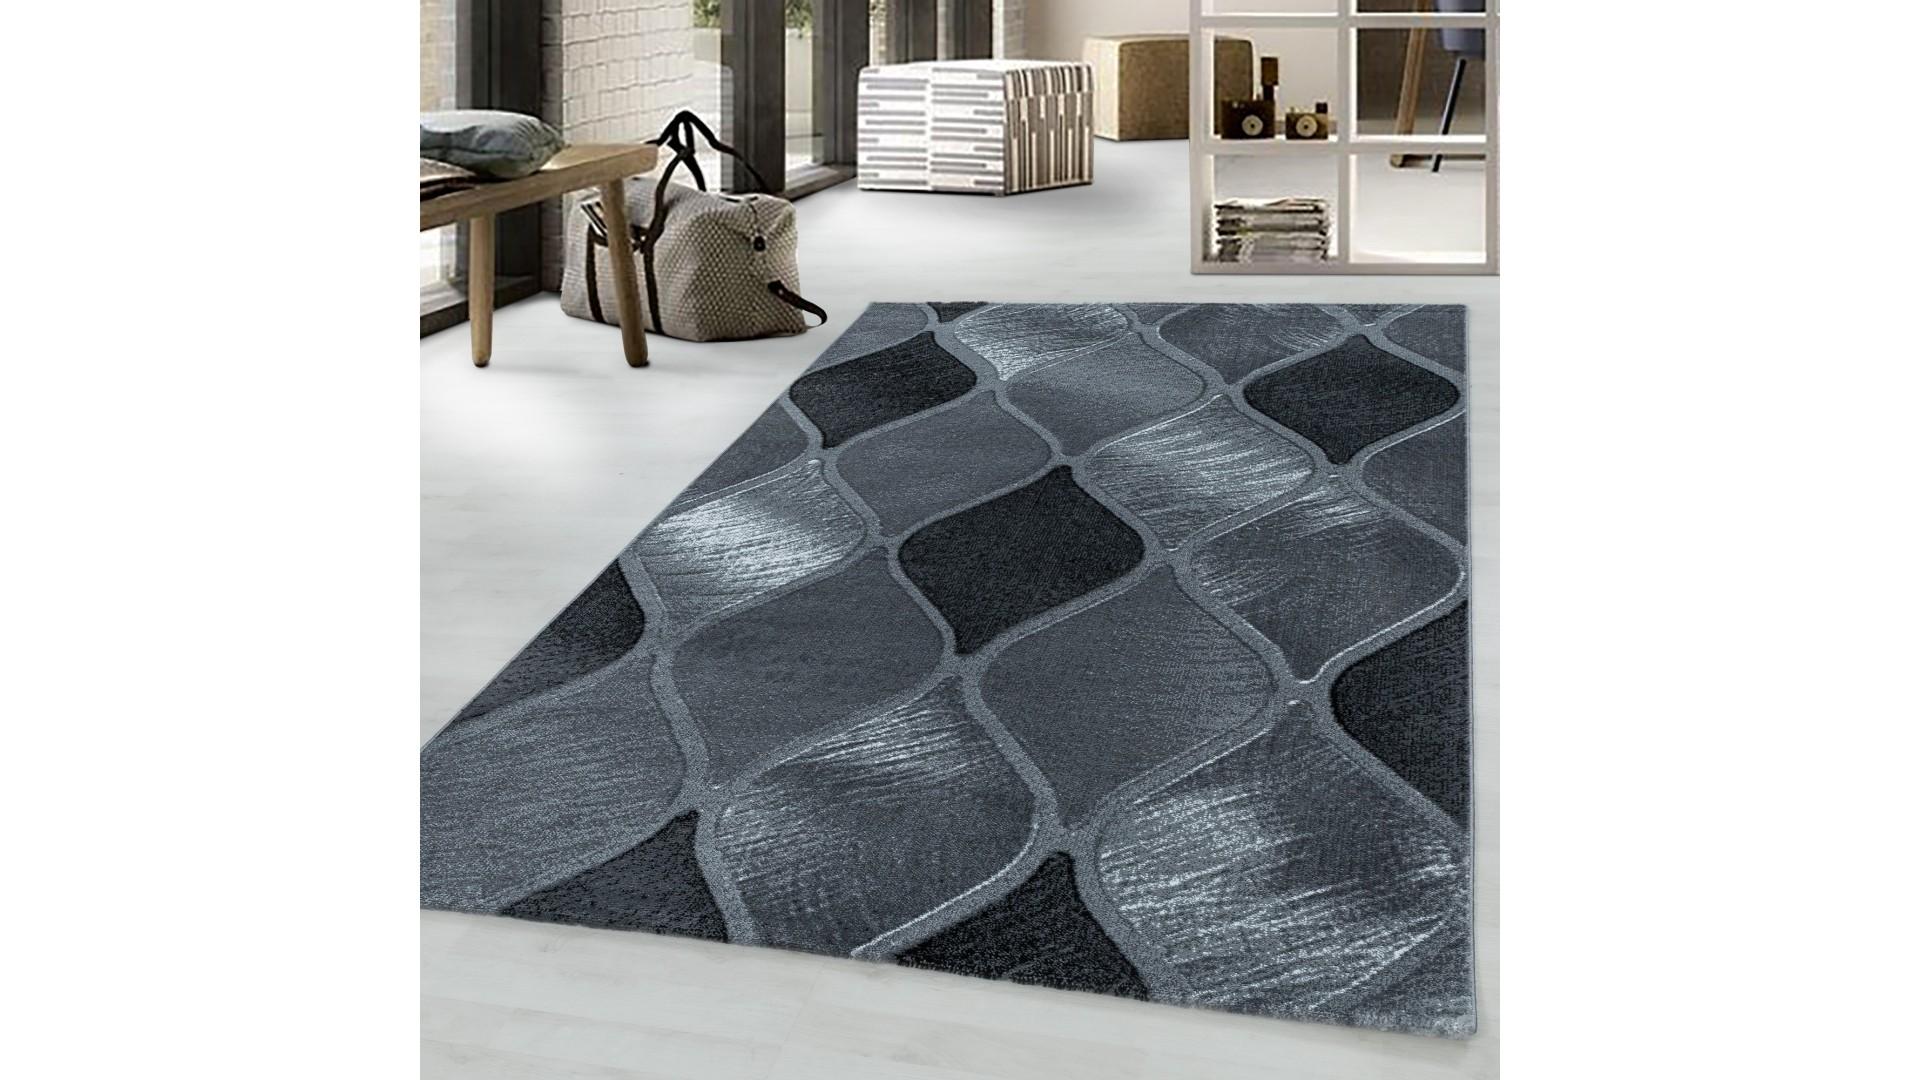 Przepiękny dywan do salonu i sypialni. Nowa kolekcja COSTARICA